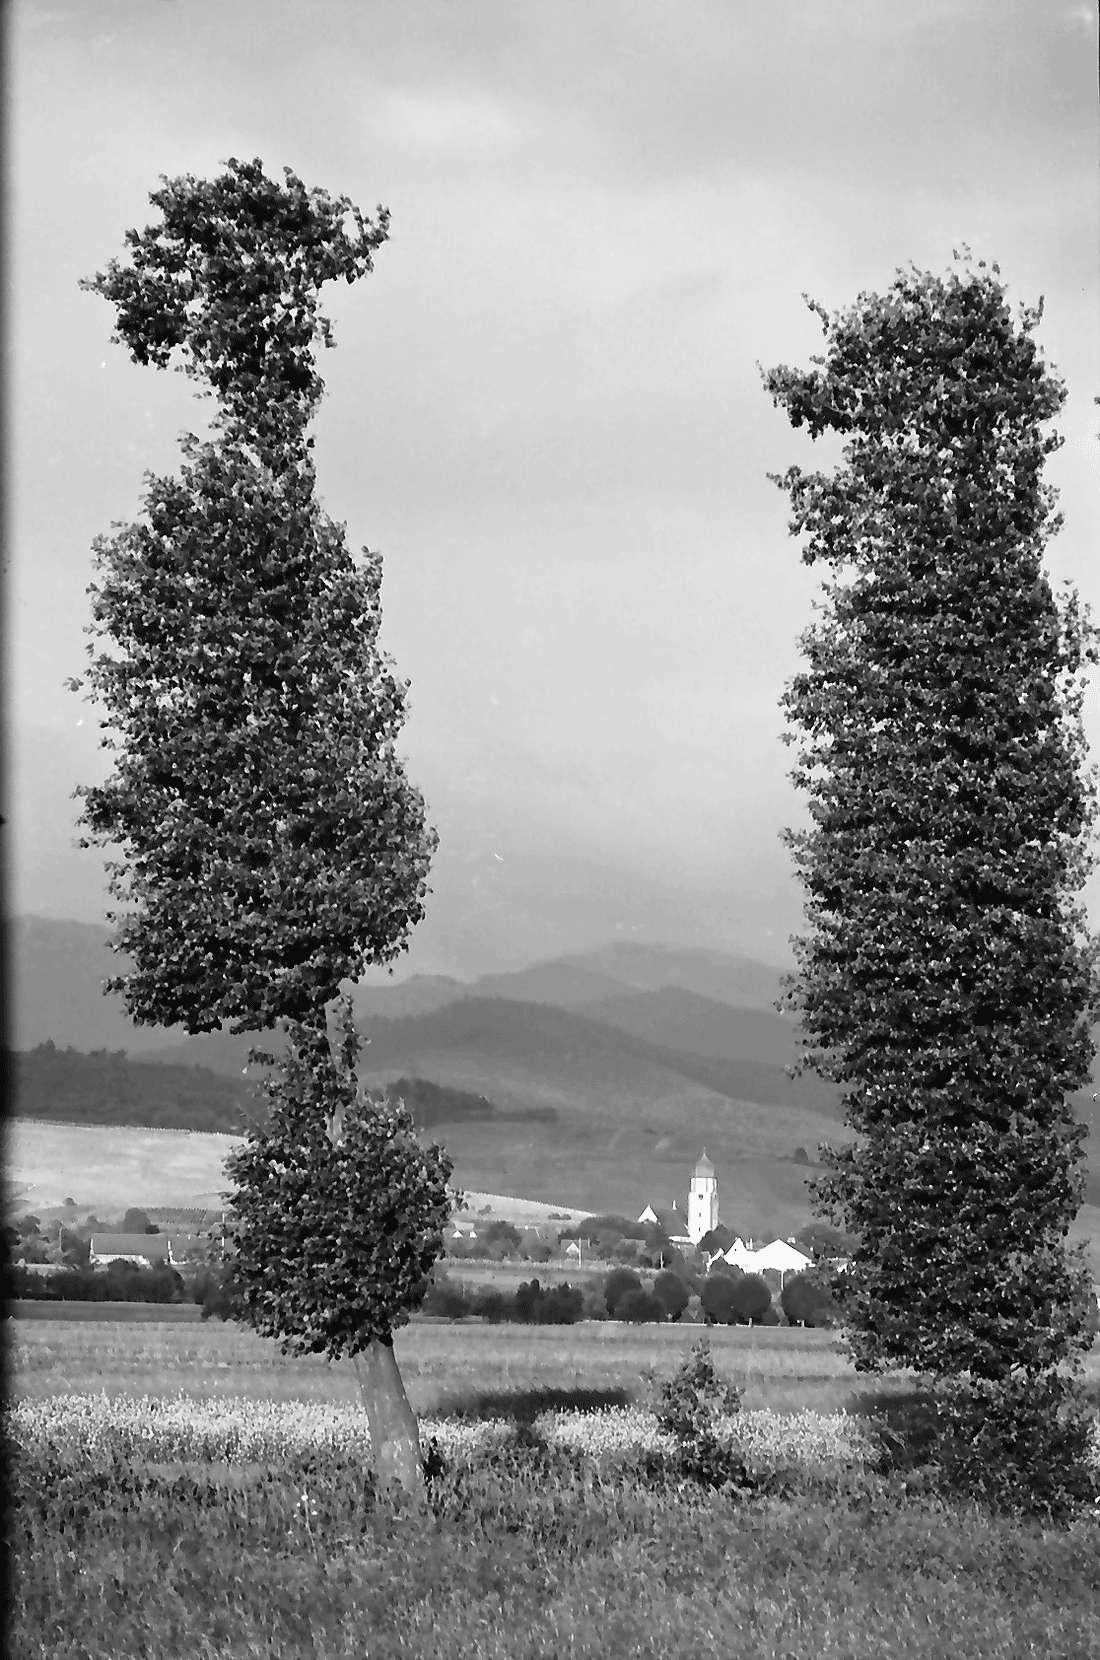 Norsingen: Gewitterbeleuchtung an der Möhlin; Blick auf Kirchhofen; bei Norsingen, Bild 1